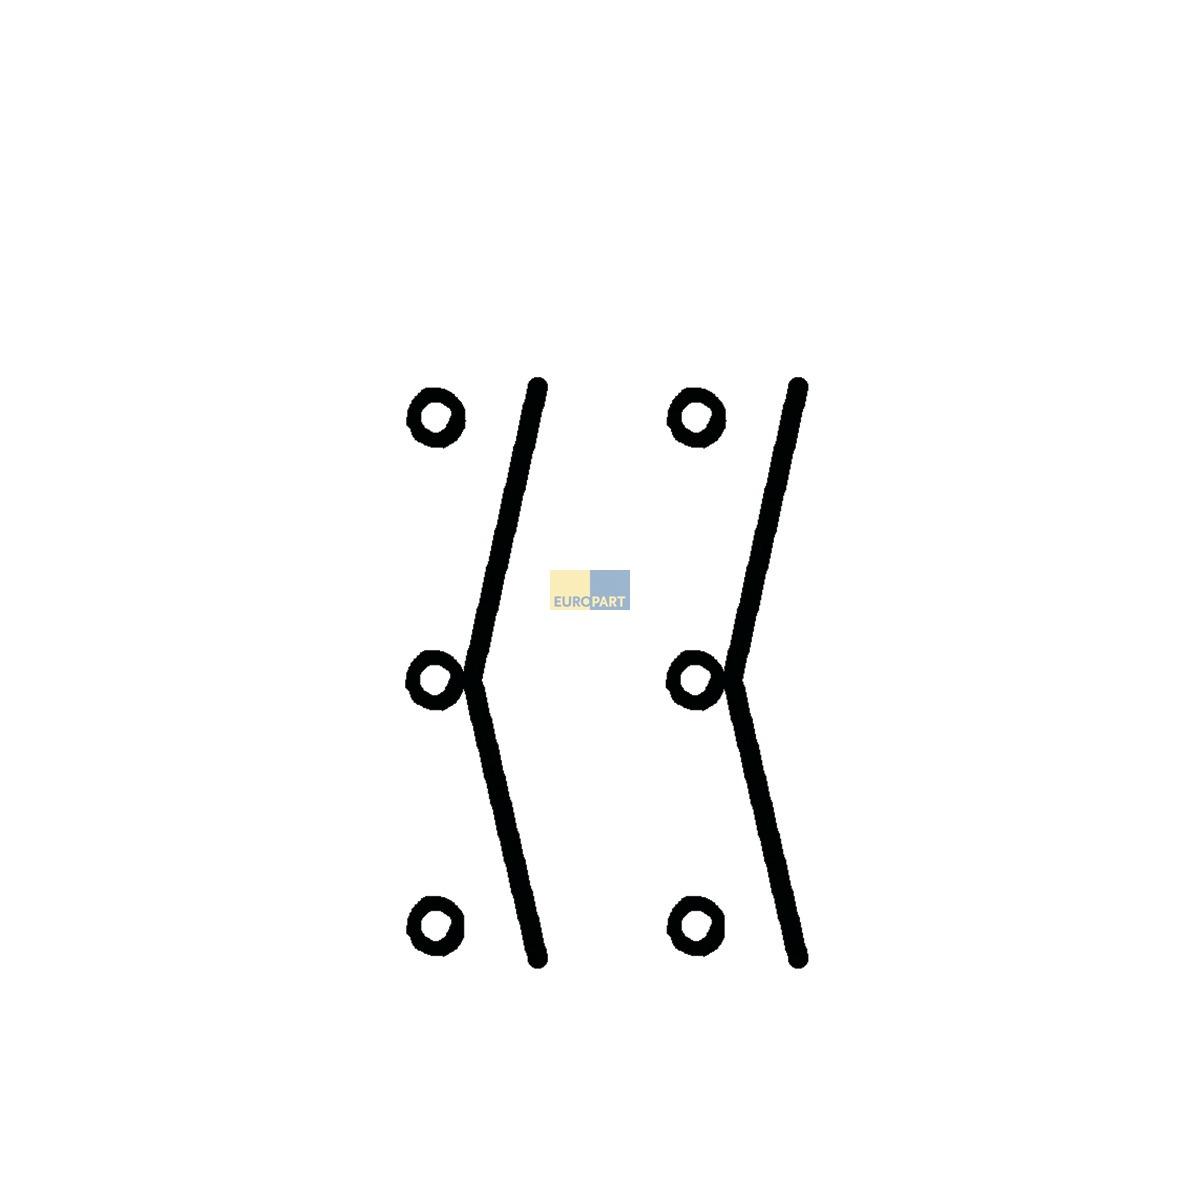 Umschalter 2-polig, Universal! - ABEA Hausgeräte Ersatzteile Shop